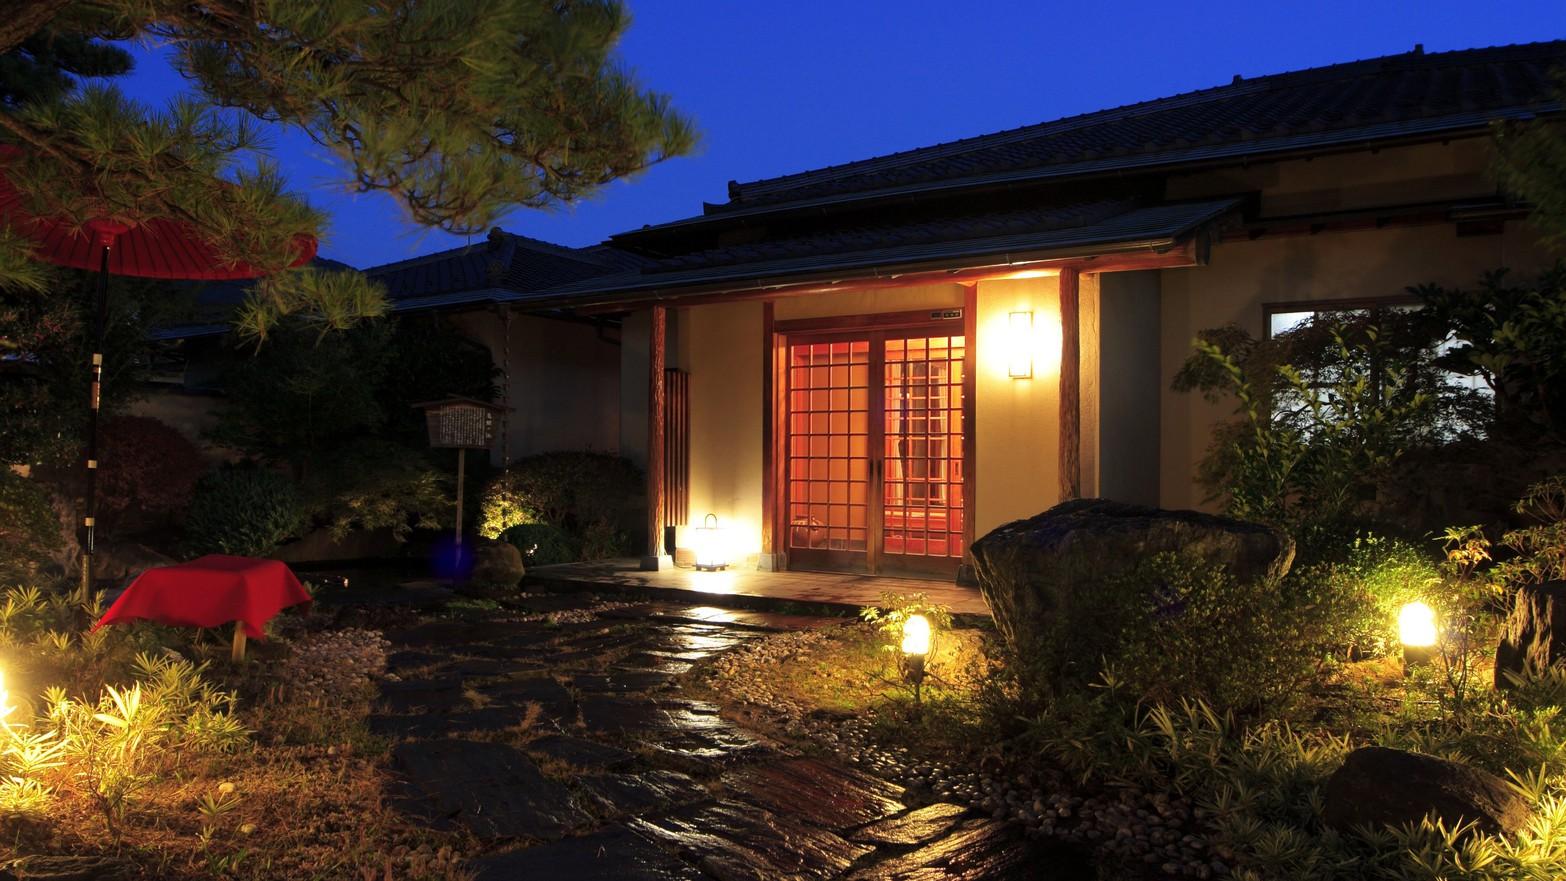 戸倉上山田温泉で景観のいい宿!